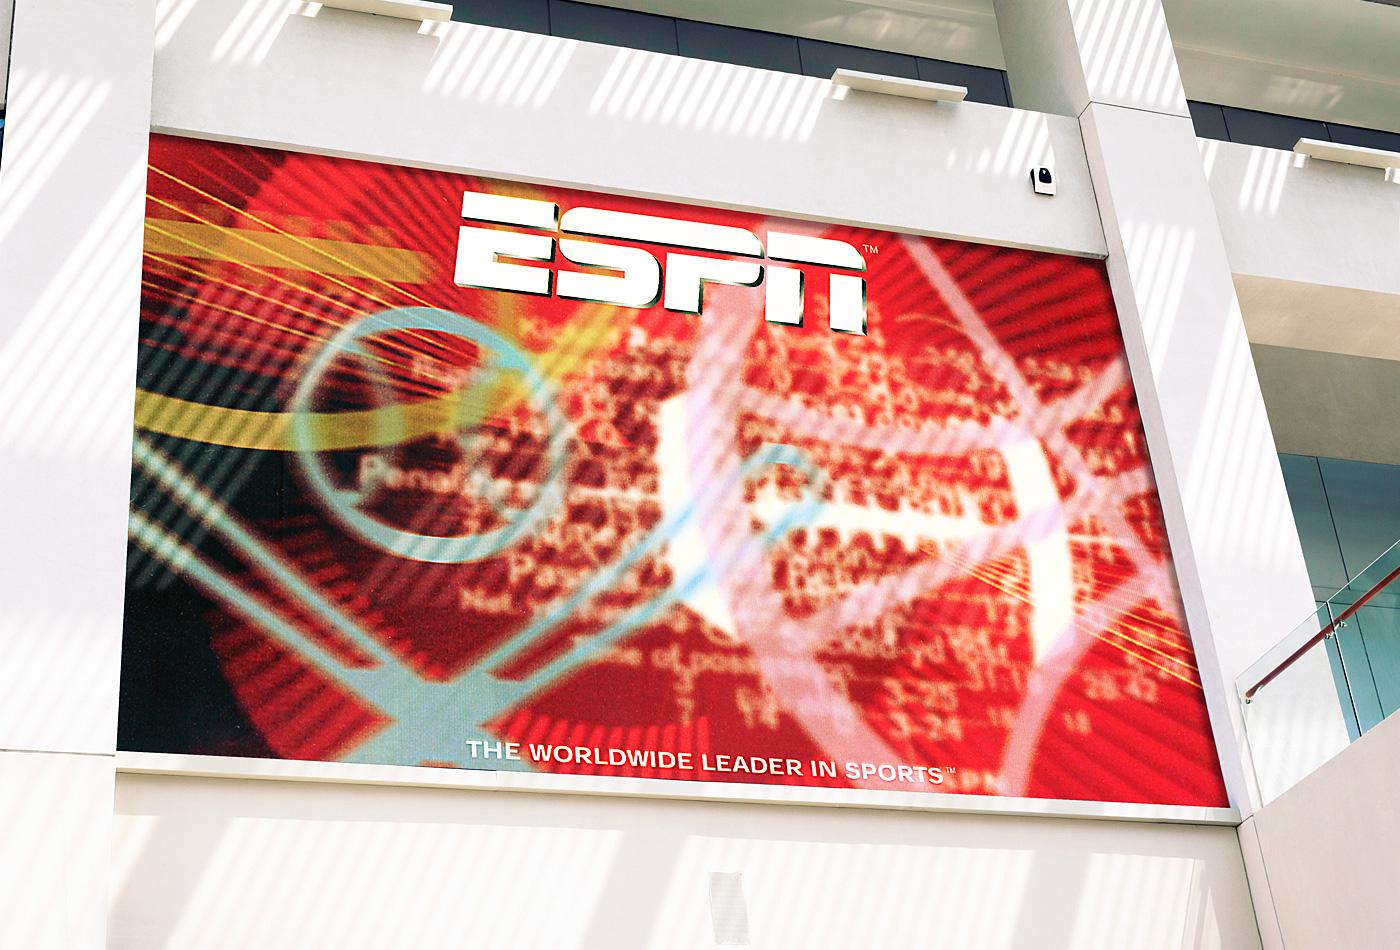 ESPN Wall